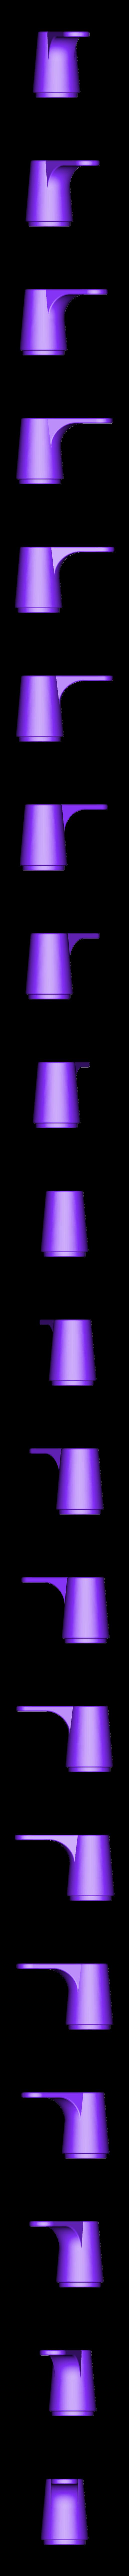 Kureg_coffee_measure_v1.stl Download free STL file Keurig K-cup scoop • 3D print object, Jadkison60